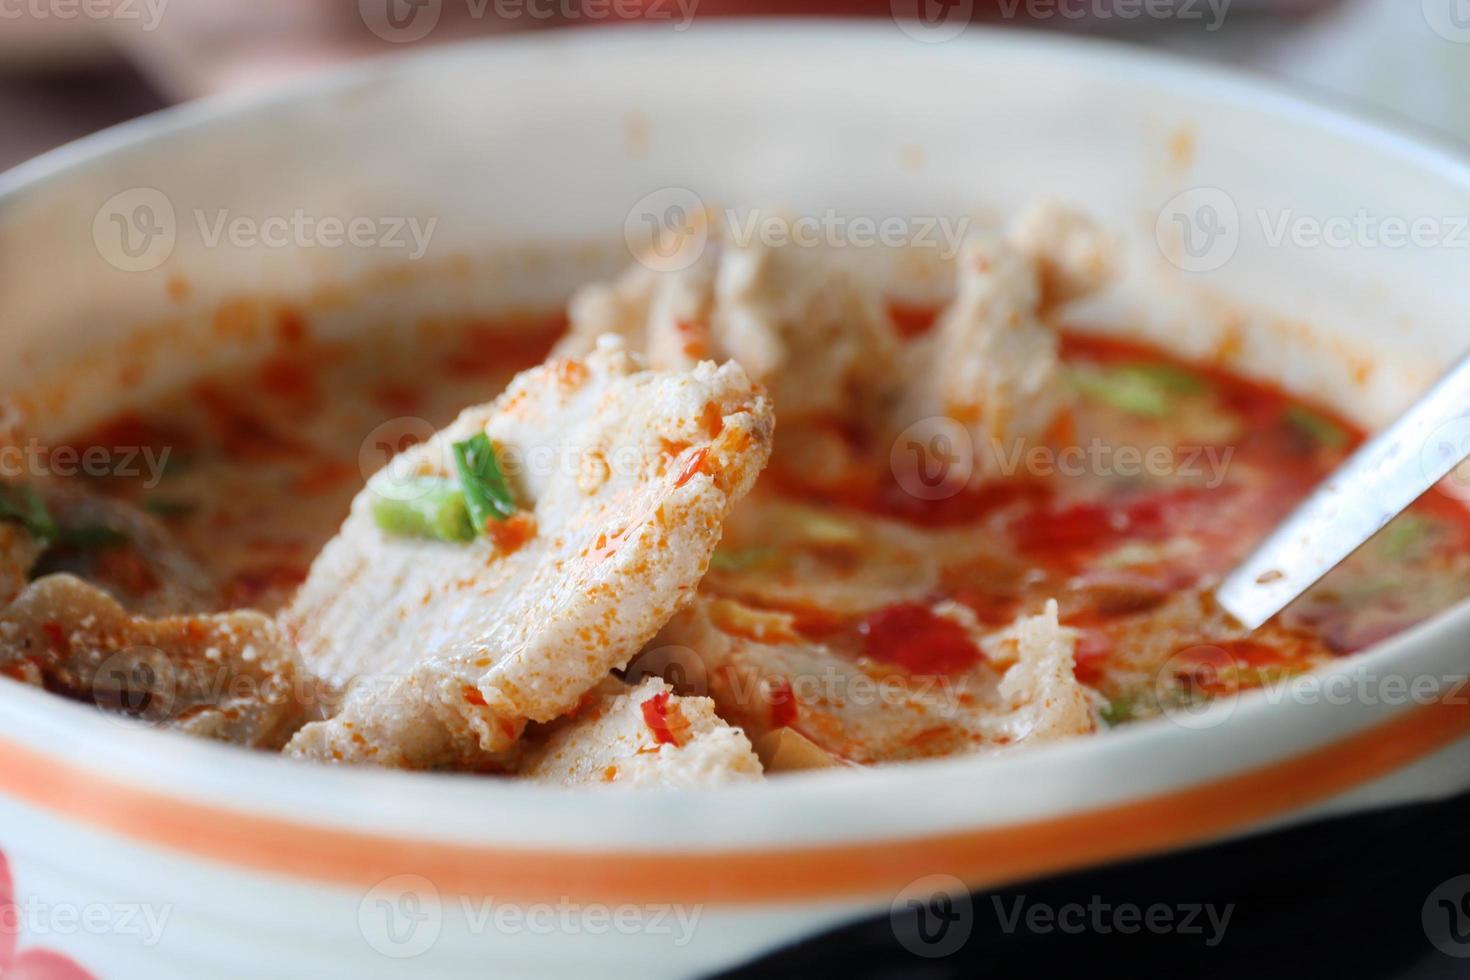 tom yum soep met vis. foto